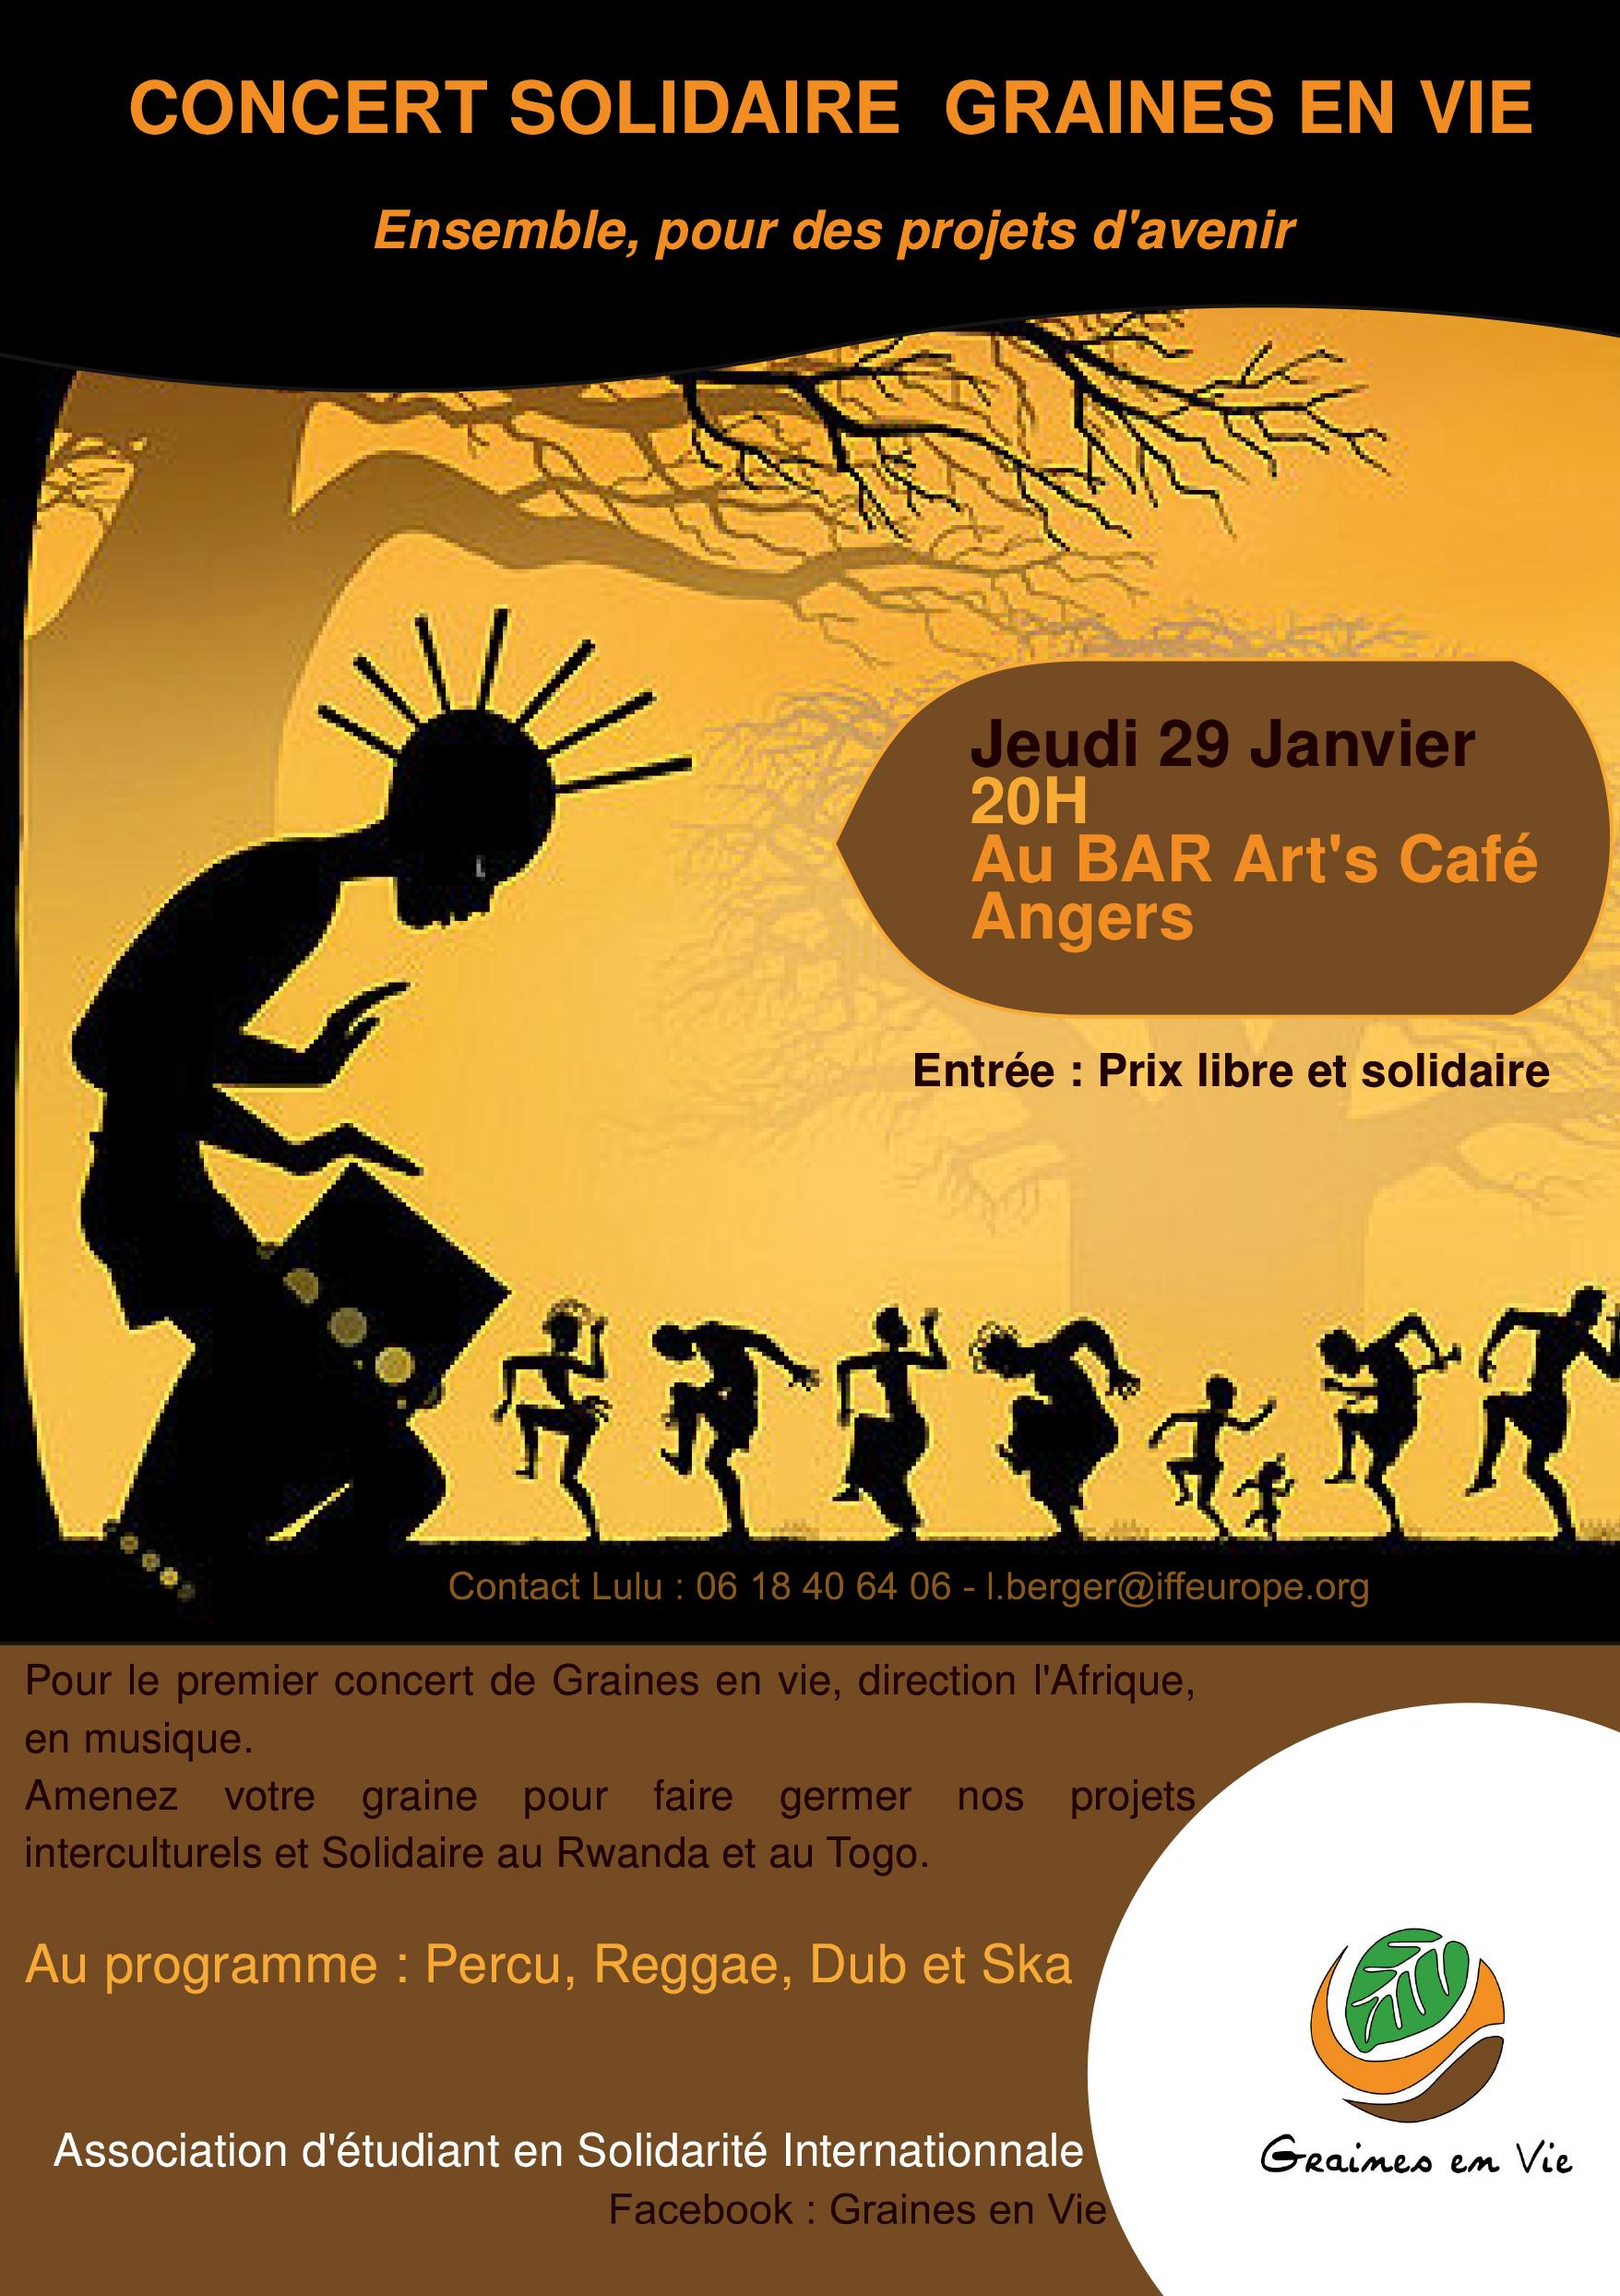 concert solidaire graines en vie à Angers